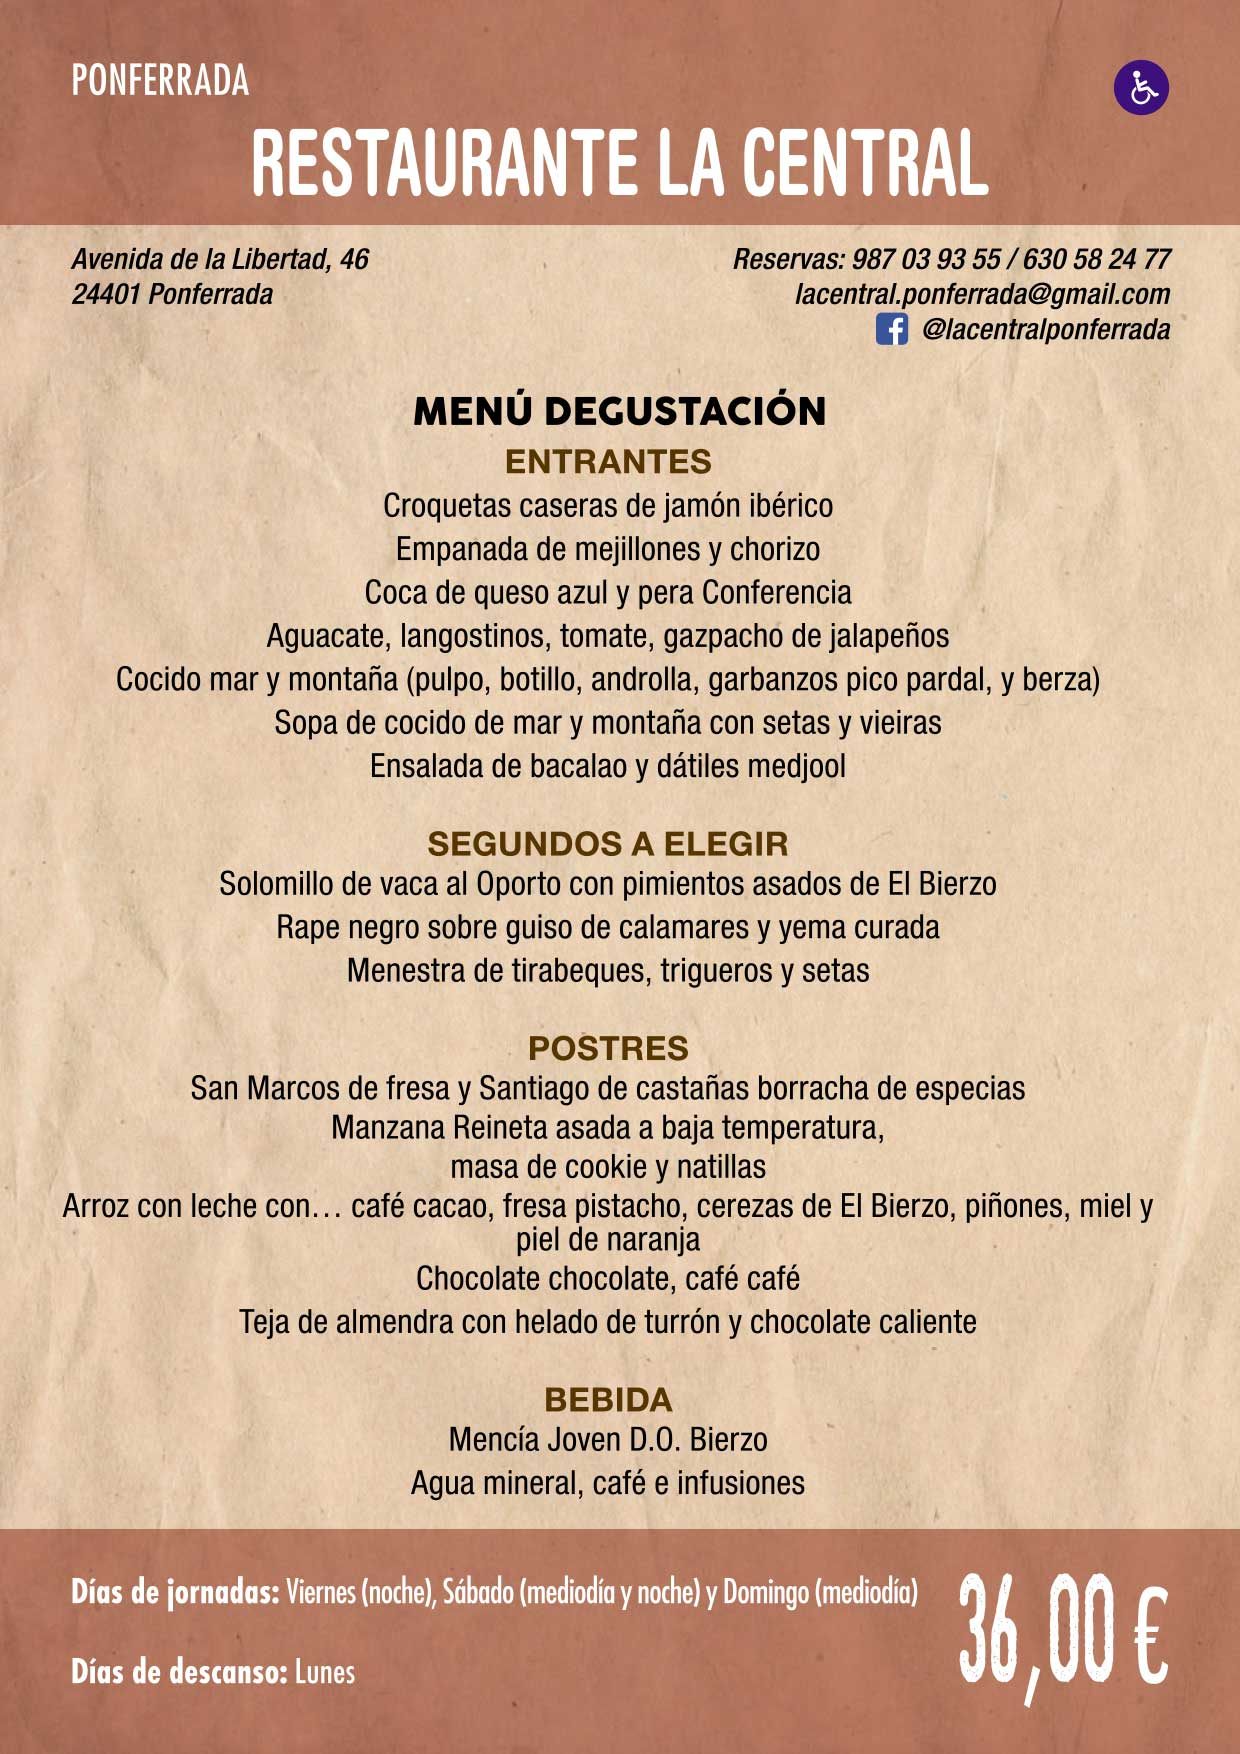 XXXVI Jornadas Gastronómicas De El Bierzo 2020. Consulta los restaurantes y menús 22